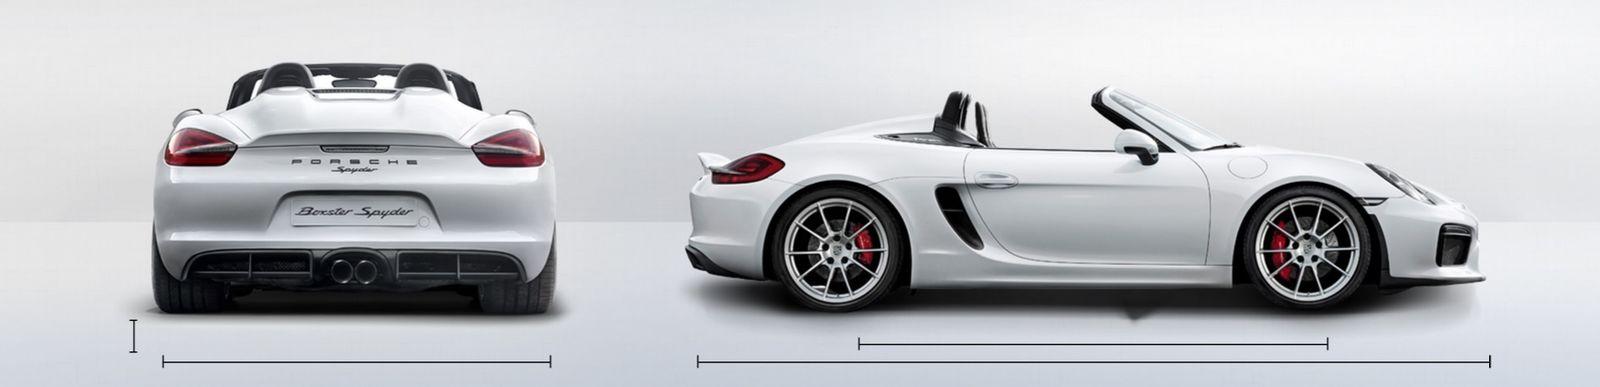 Porsche boxster length